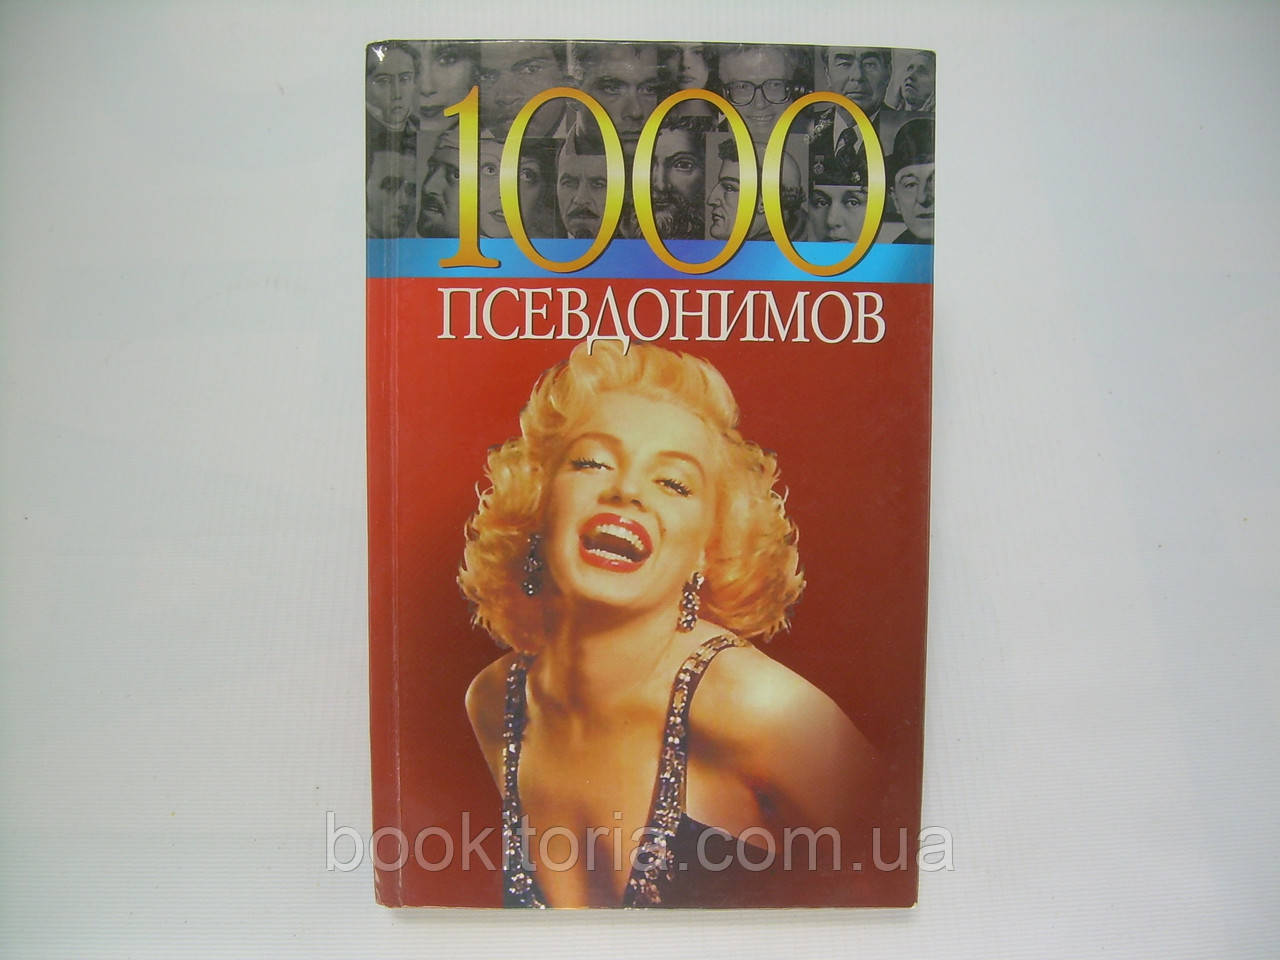 Краснящих А., Беляев К. 1000 псевдонимов (б/у).